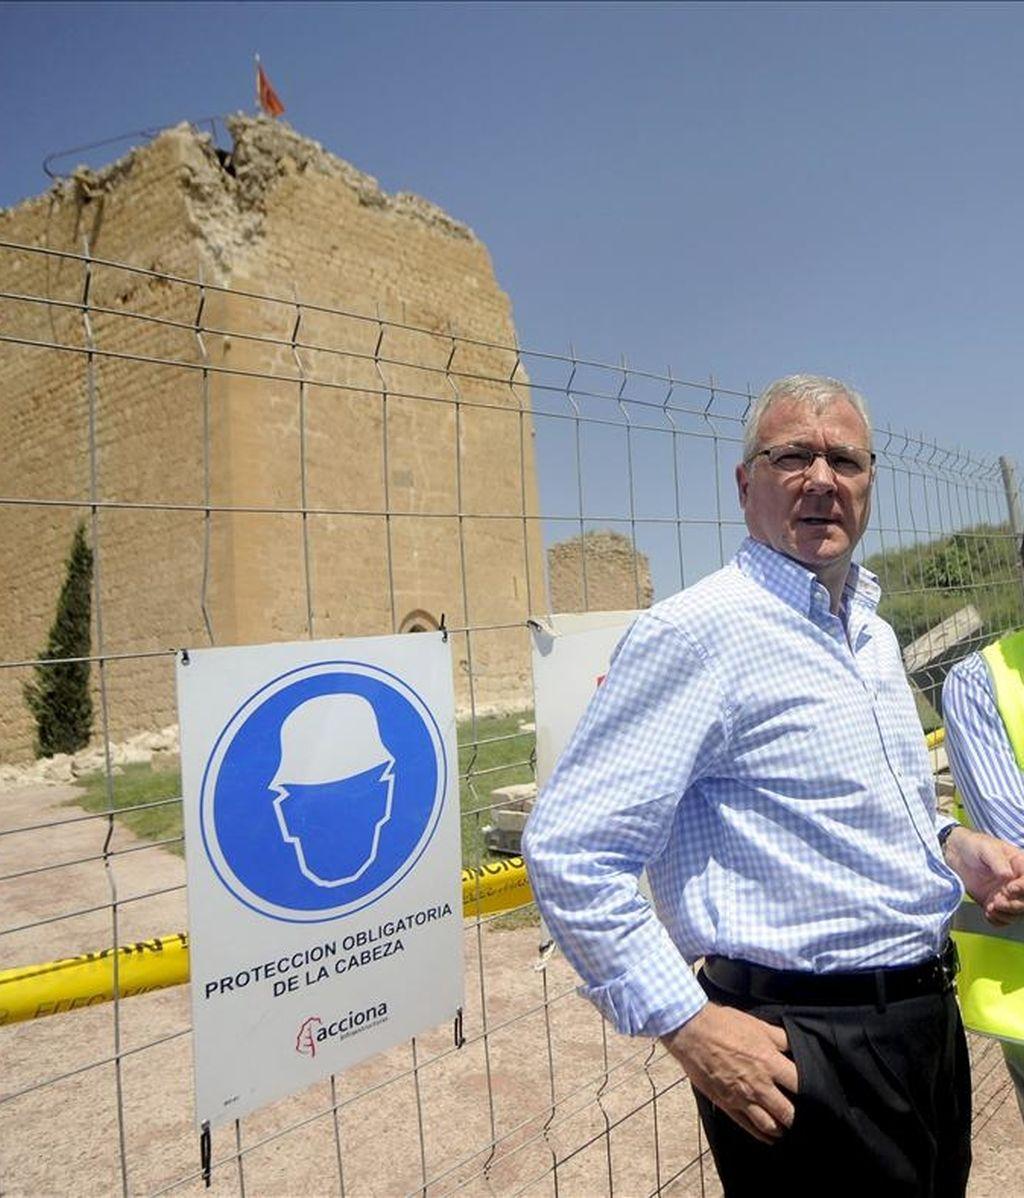 El presidente de la Comunidad Autónoma de Murcia, Ramón Luis Valcárcel, durante la visita que ha realizado al Castillo de Lorca, uno de los edificios emblemáticos que se han visto afectados por el terremoto que sacudió el pasado miércoles esta localidad murciana. EFE